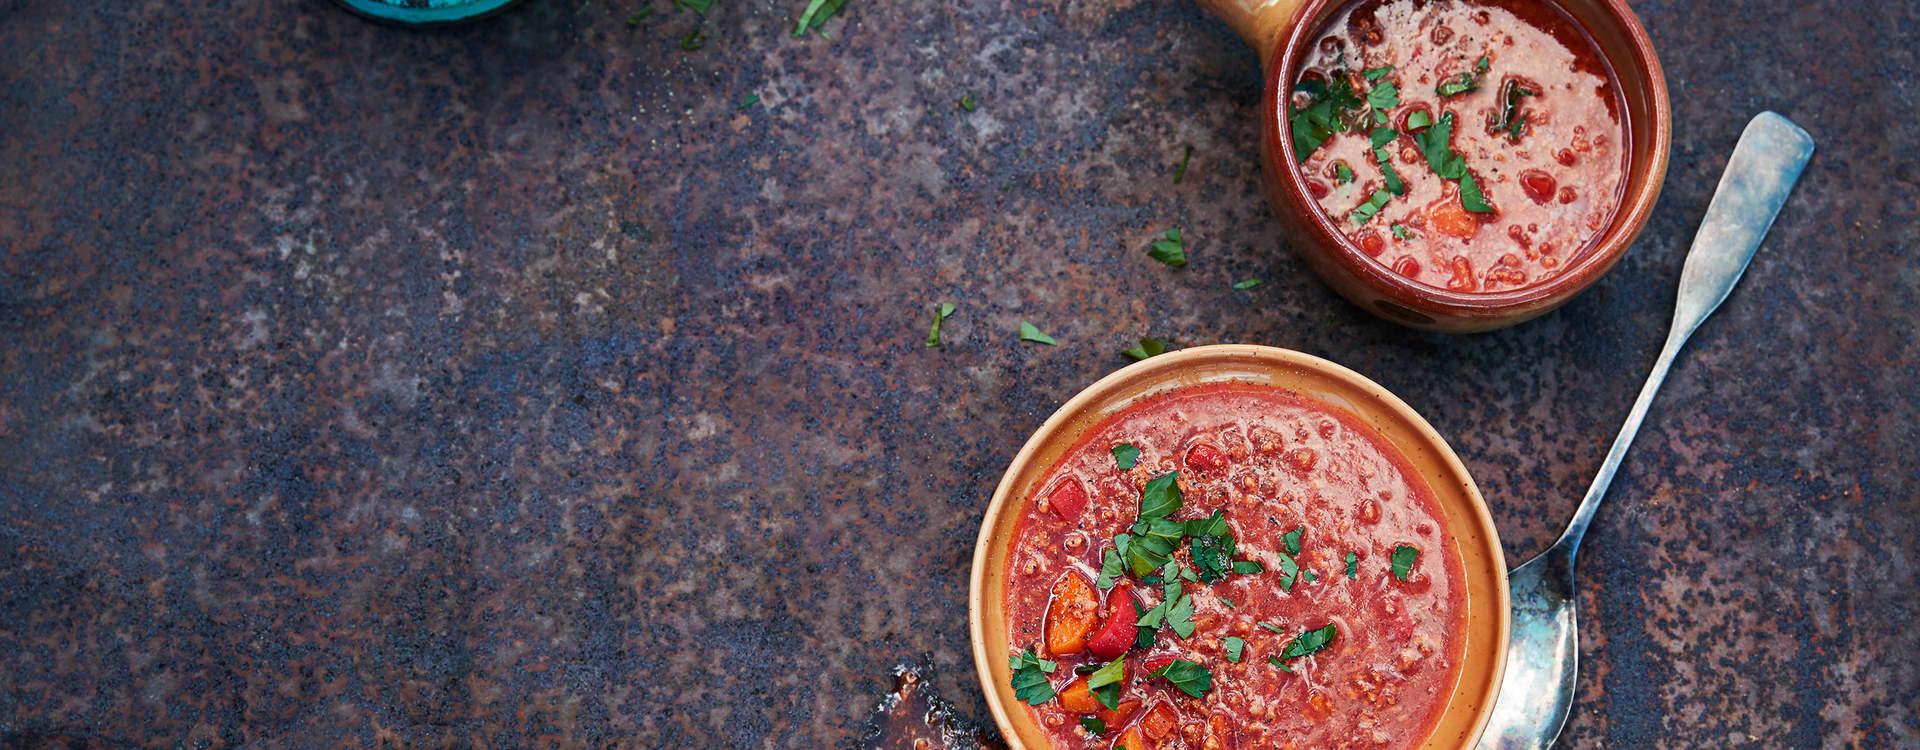 Krydret gulasjsuppe med linser og kjøttdeig av storfe